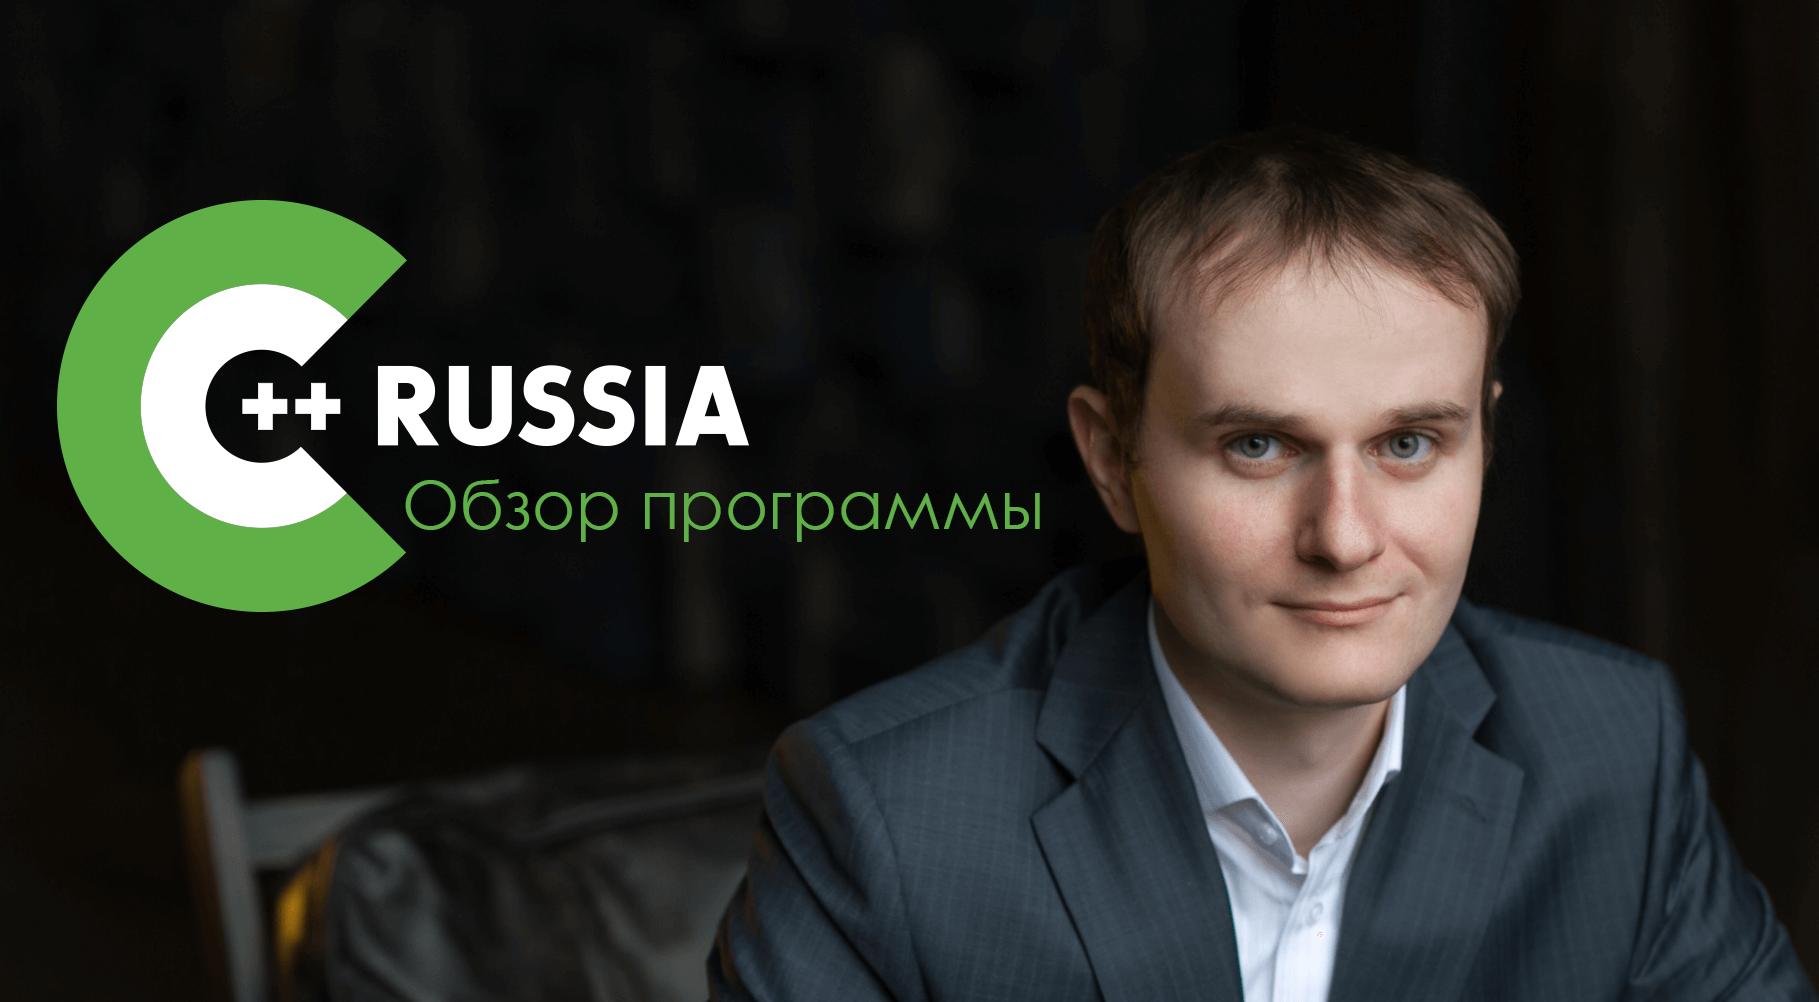 Обзор программы С++ Russia 2019 Piter: асинхронность, модули, библиотеки… и такси - 1